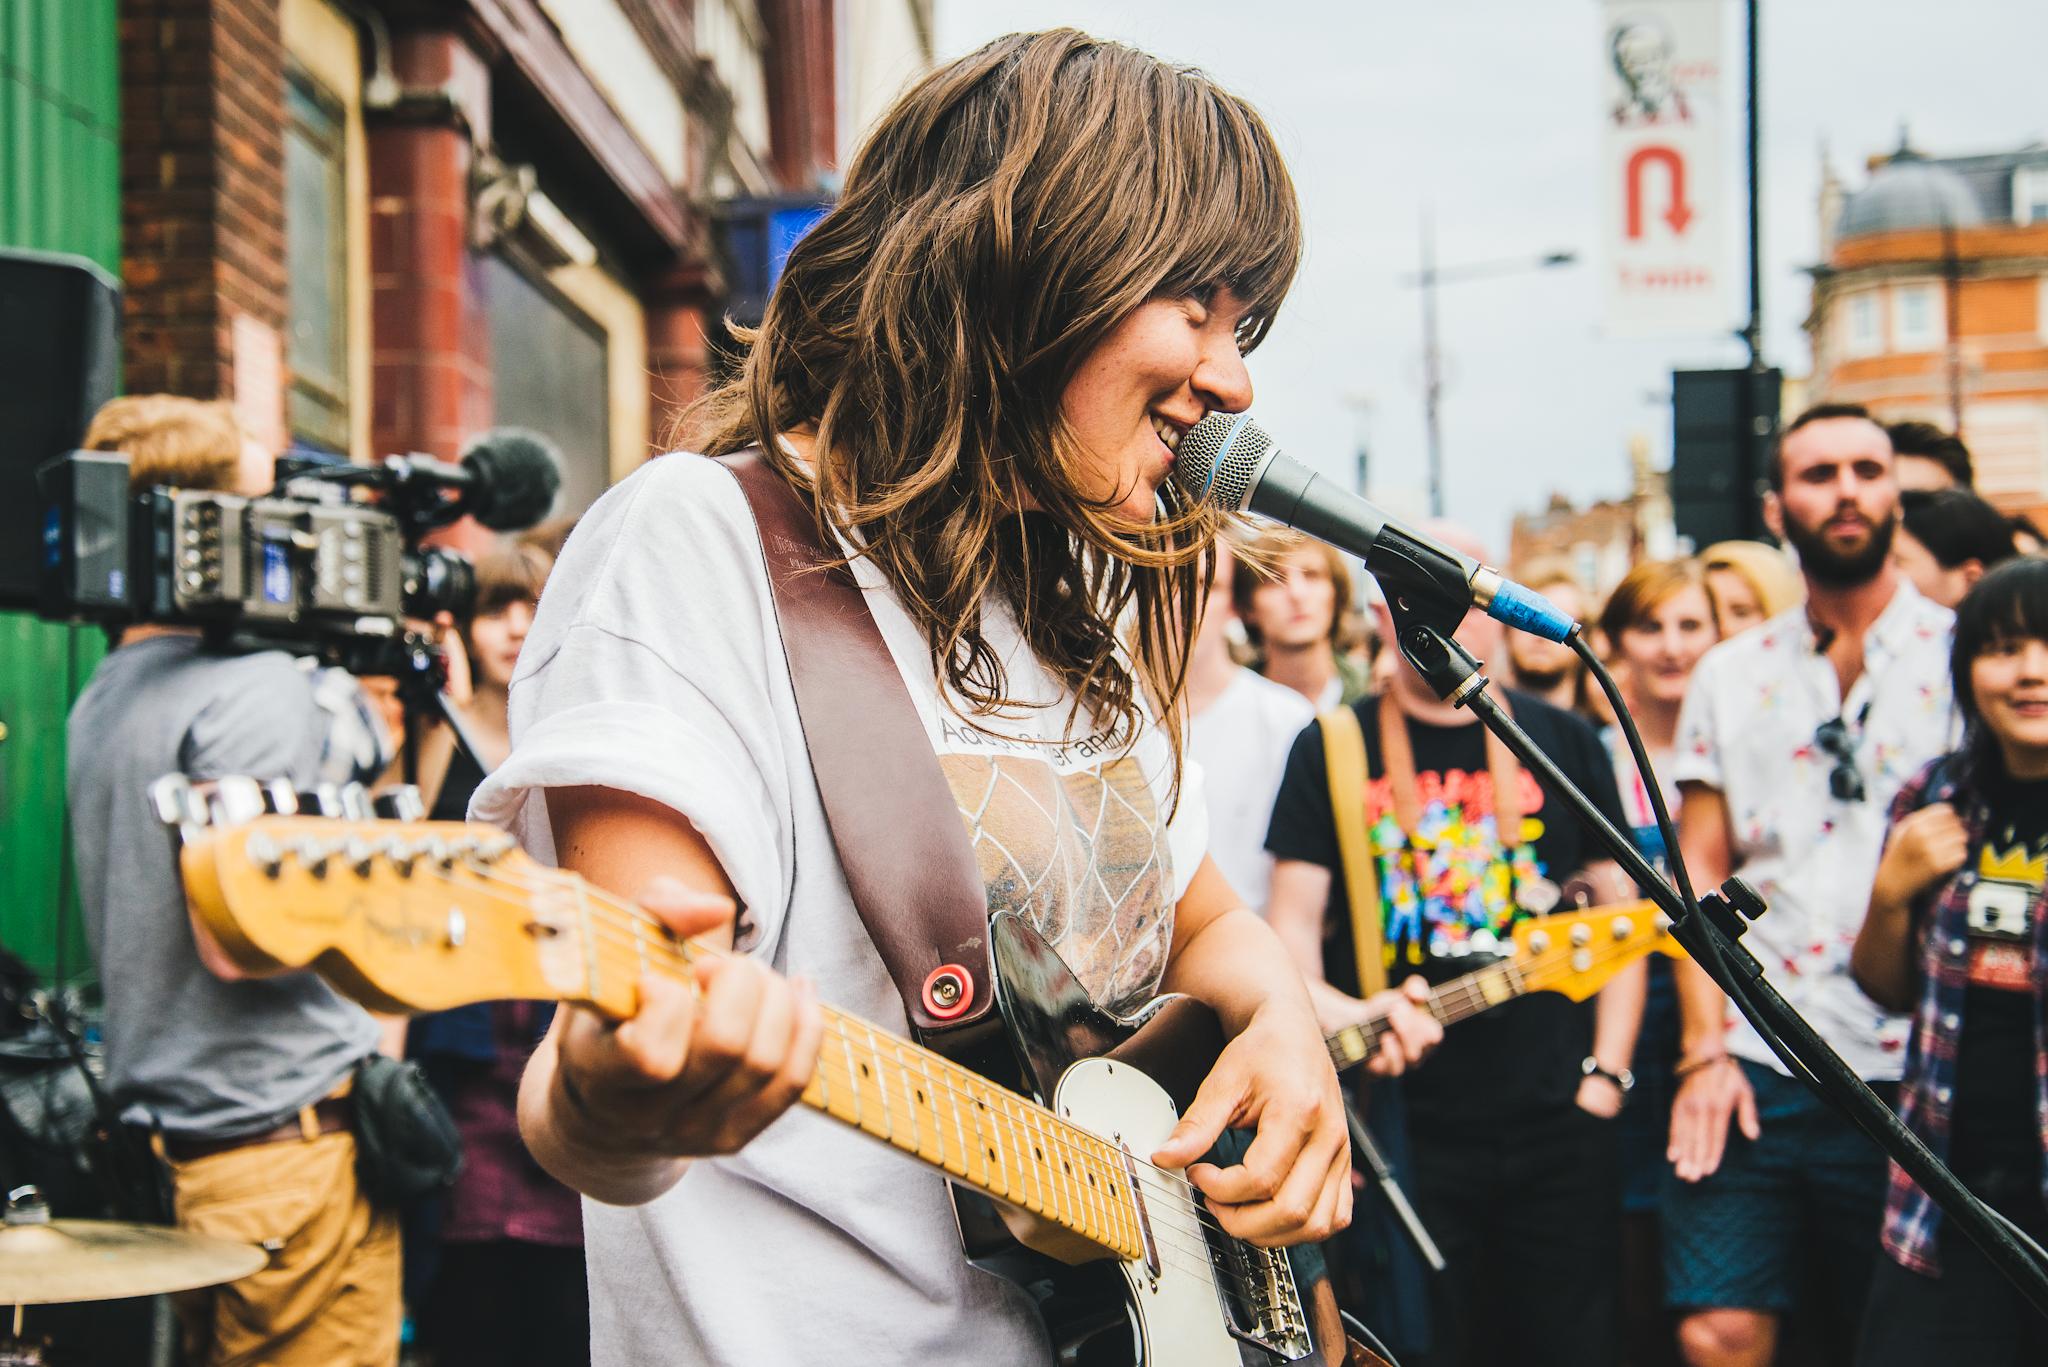 Courtney Barnett plays impromptu London gig